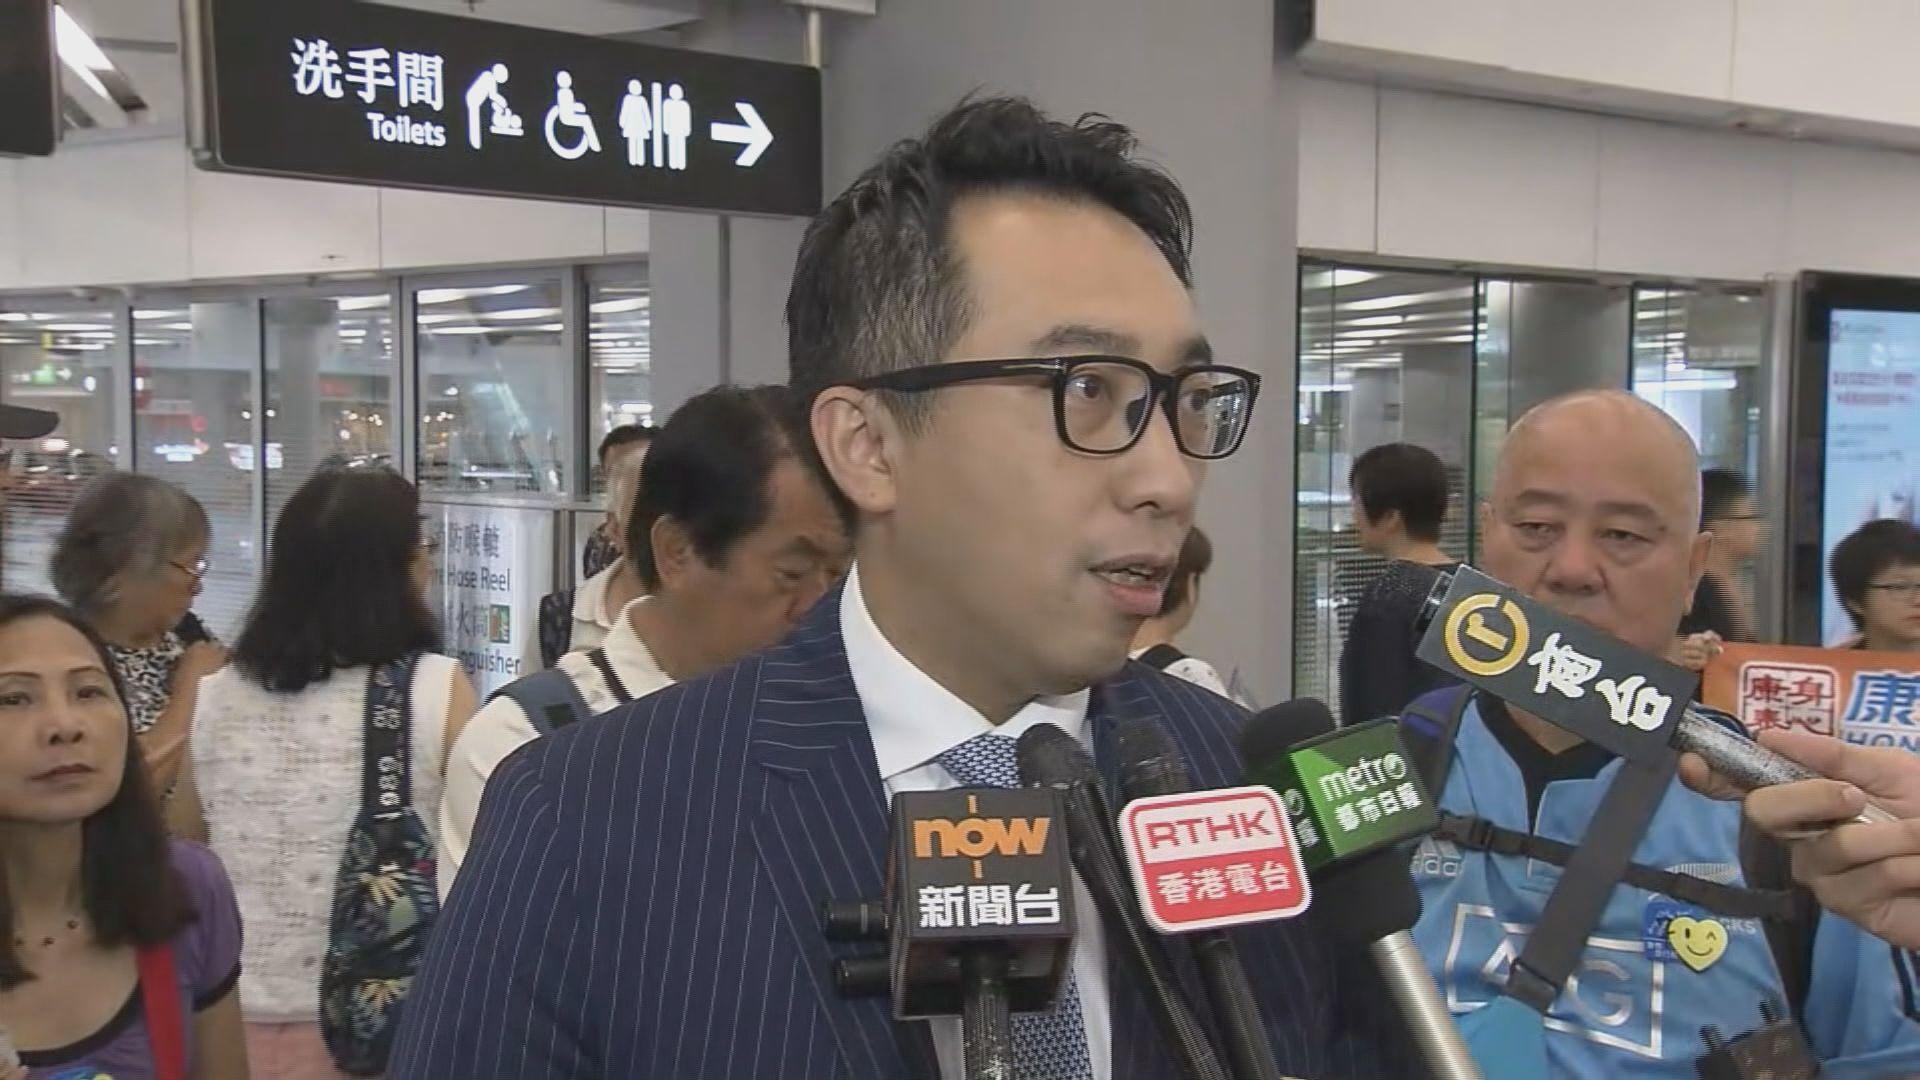 旅遊業議會:高鐵旅行團反應不錯